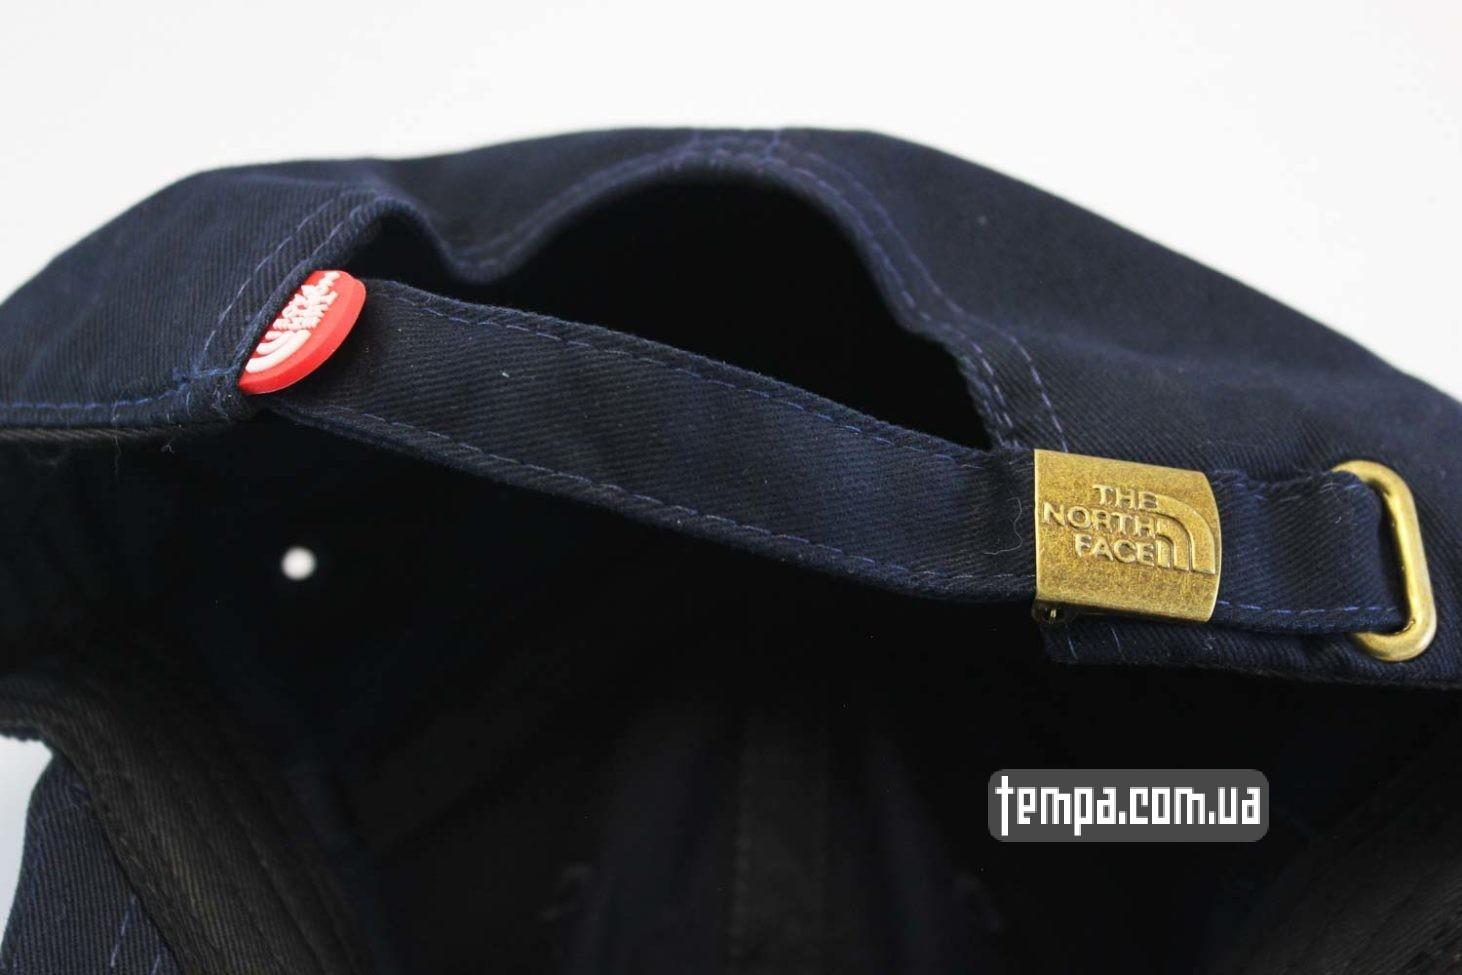 оригинальня одежда кепка бейсболка the north face синяя оригинал купить